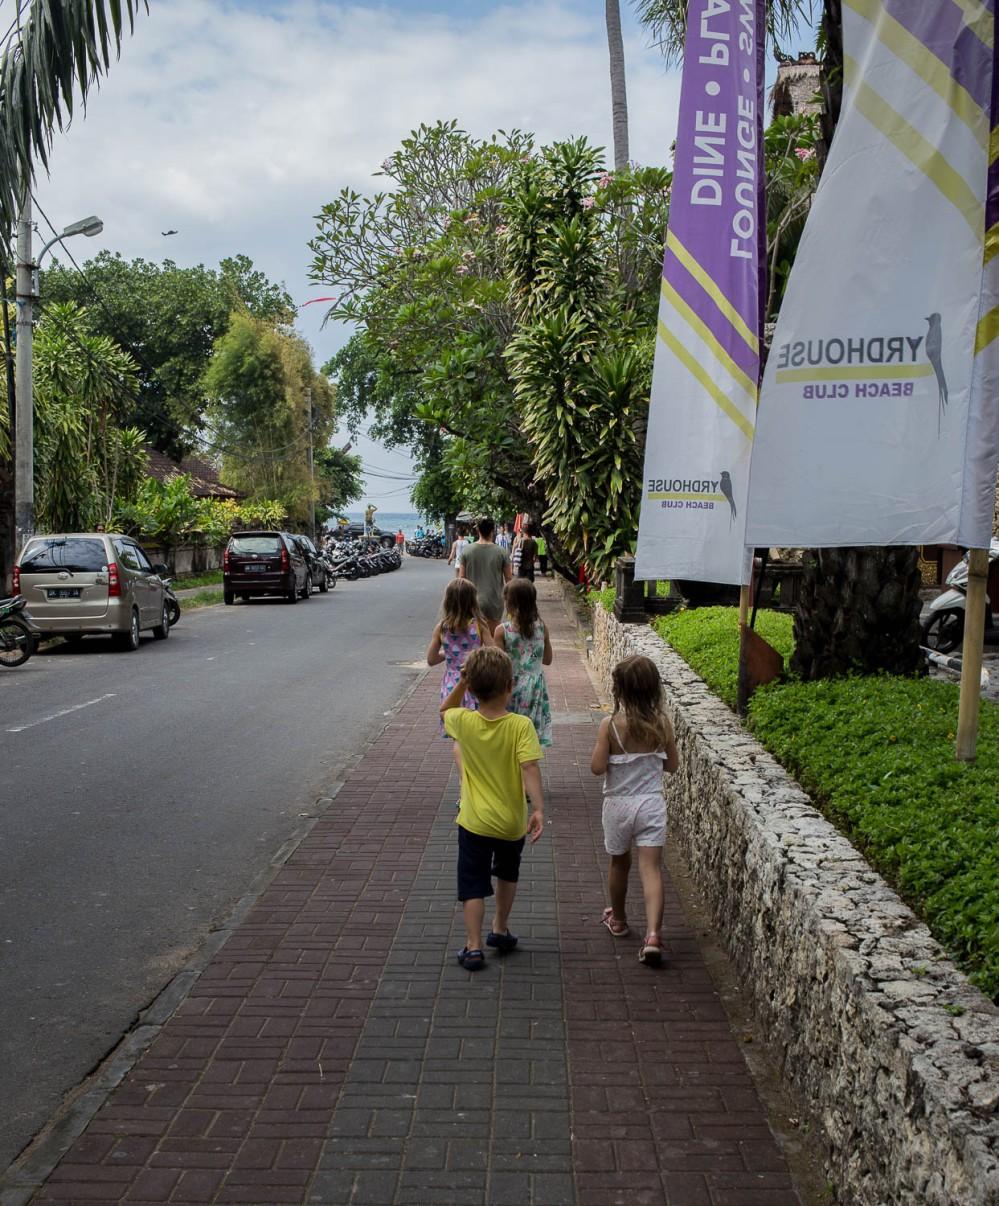 Bali-8